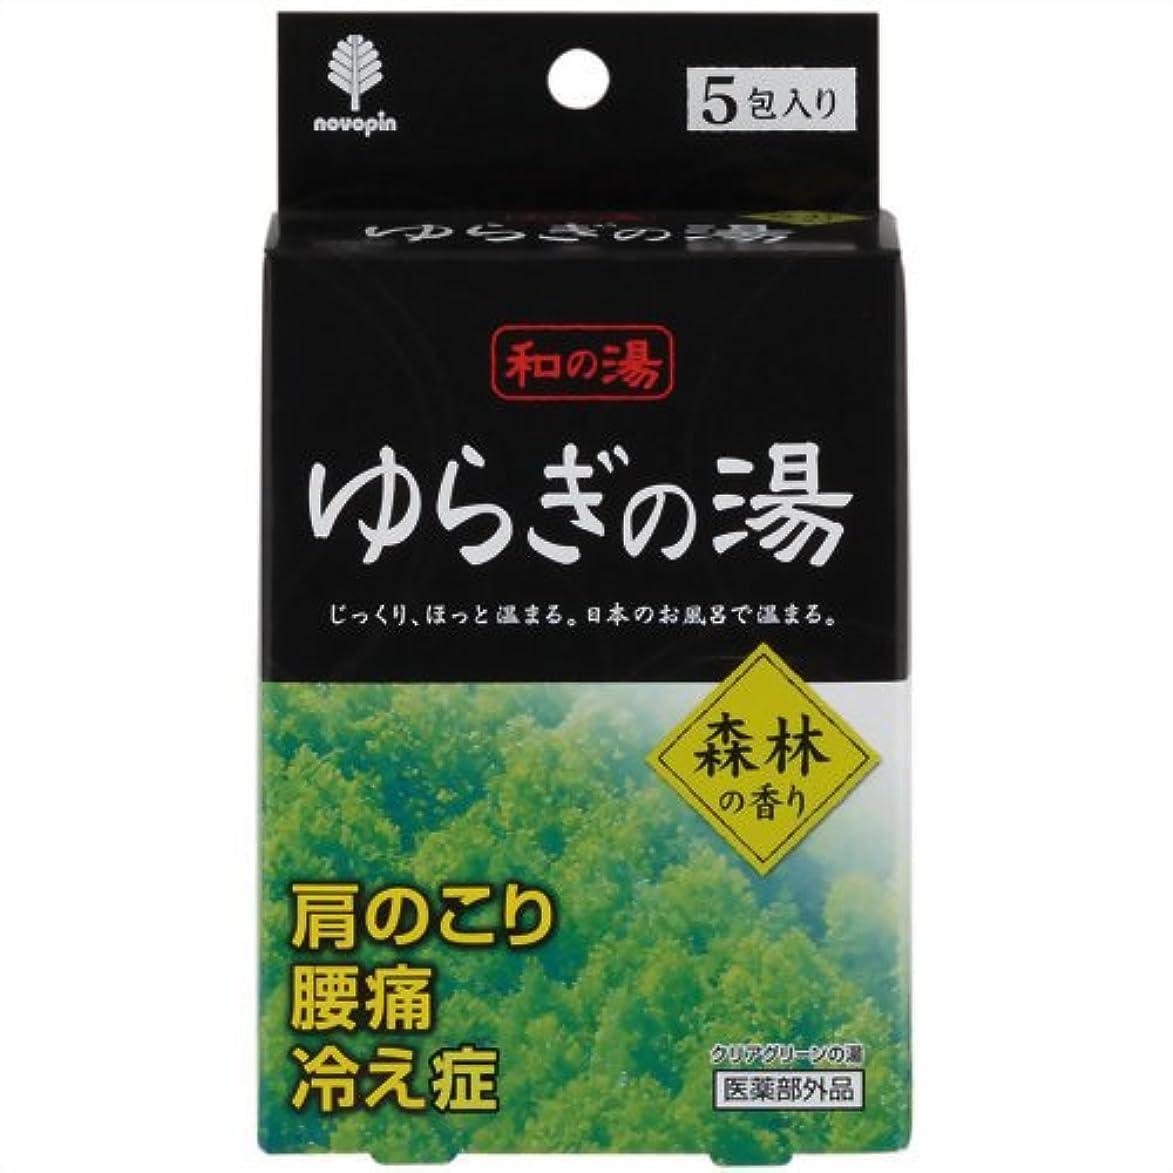 出来事最後に散らすゆらぎの湯 森林の香り 25g×5包入